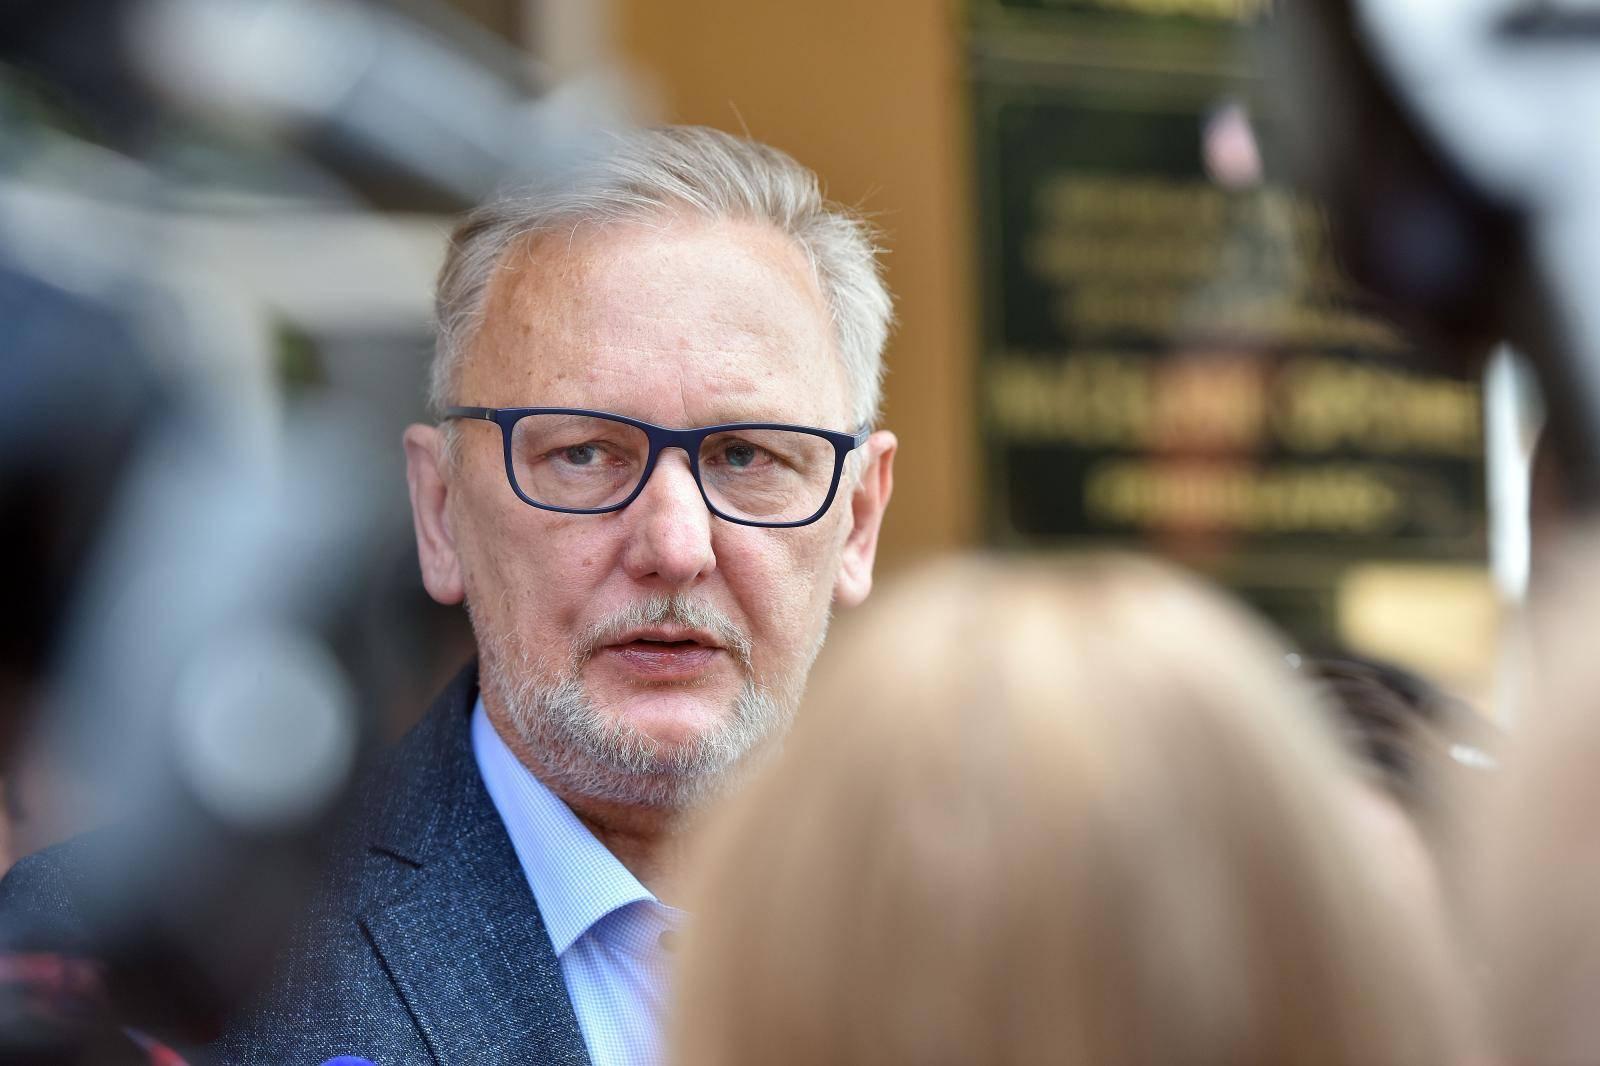 Ministar unutarnjih poslova Davor Božinoviæ na radnom sastanku u Pribislavcu